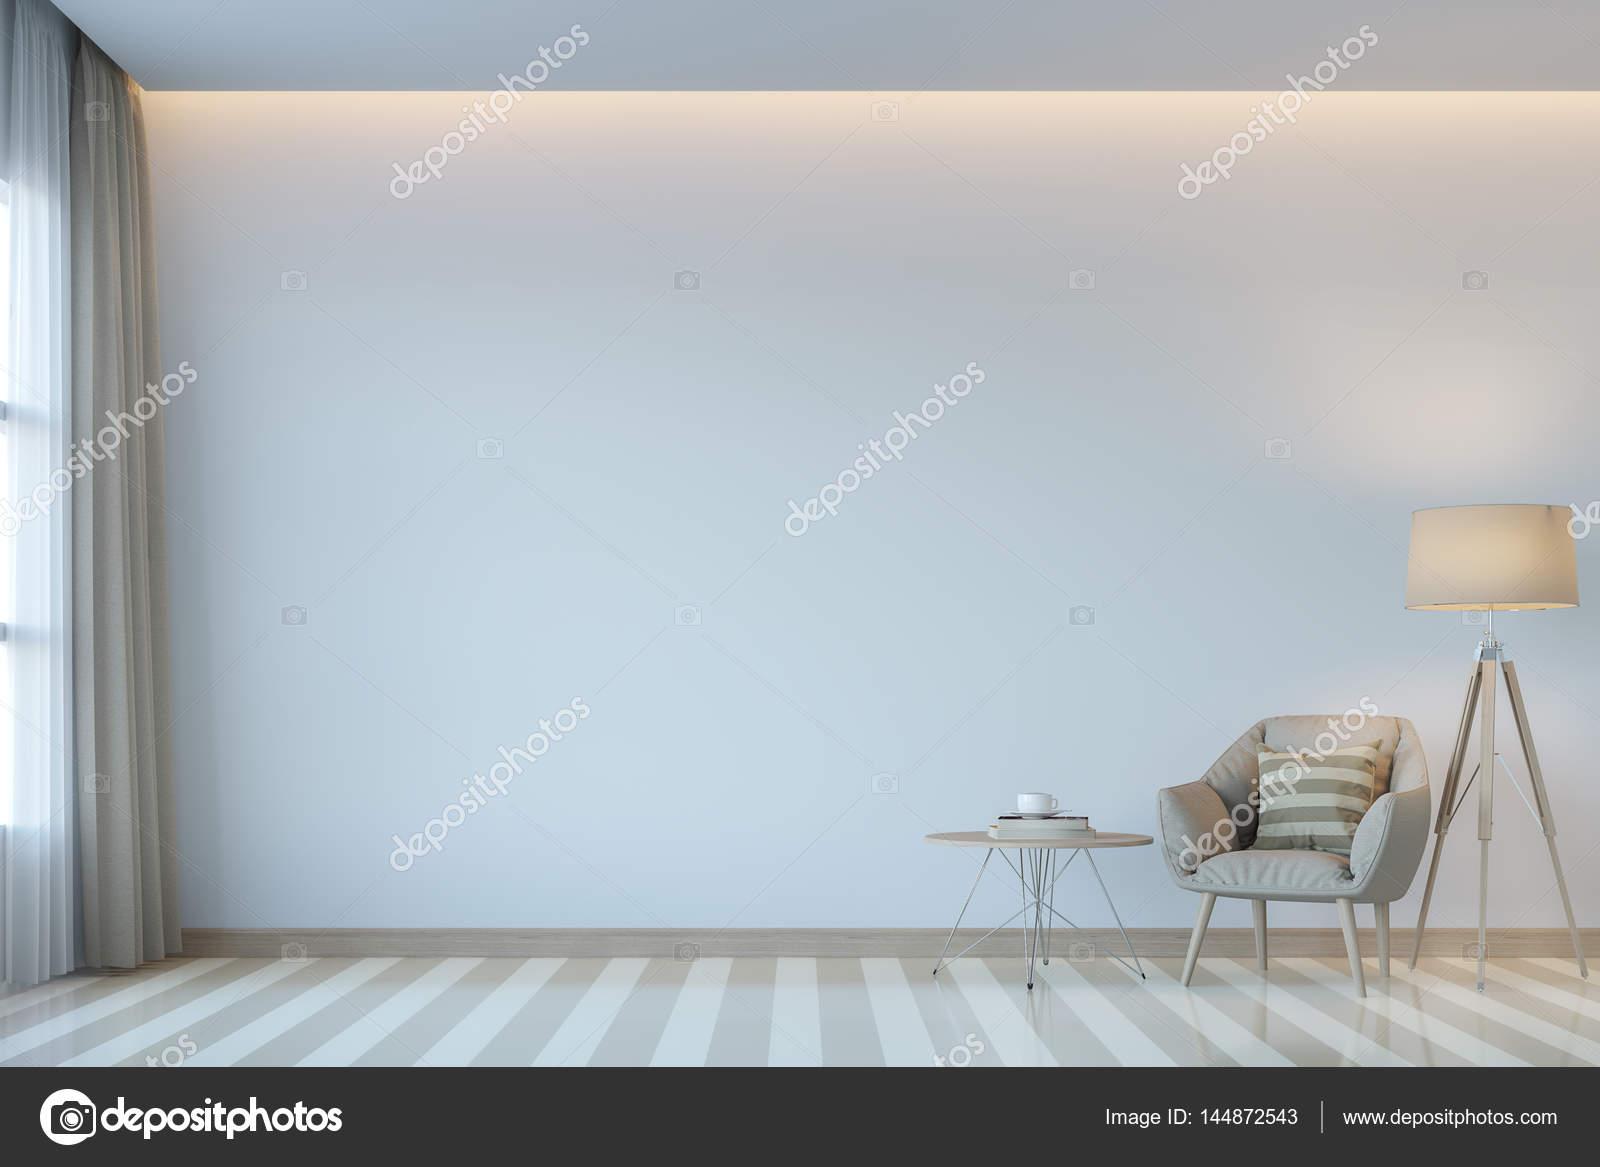 Moderne Weiße Wohnzimmer Minimalstil 3D Rendering Image.There Sind Weiße  Leere Wand. Dekorieren Sie Zimmer Mit Hellen Klangfarbe Und Verborgene  Licht An ...